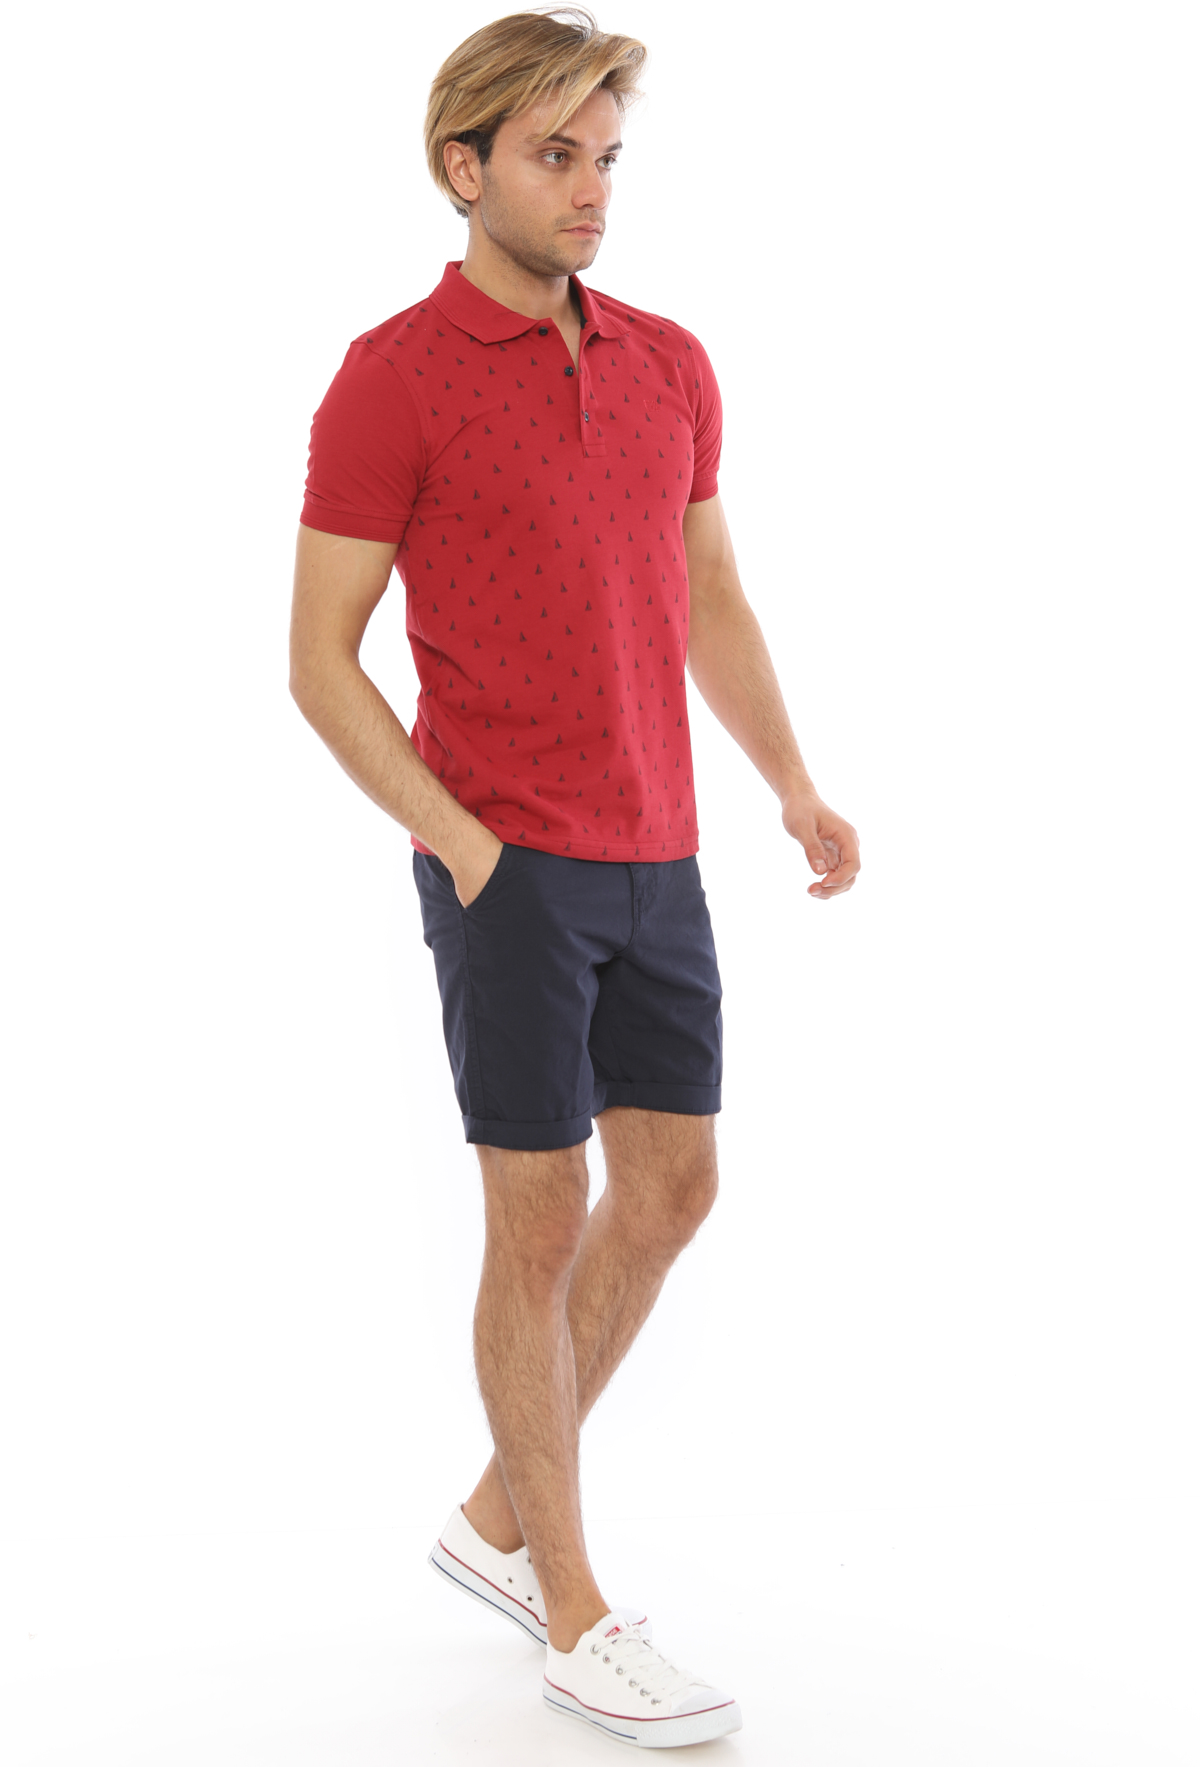 t-shirt 9627  Short 9310